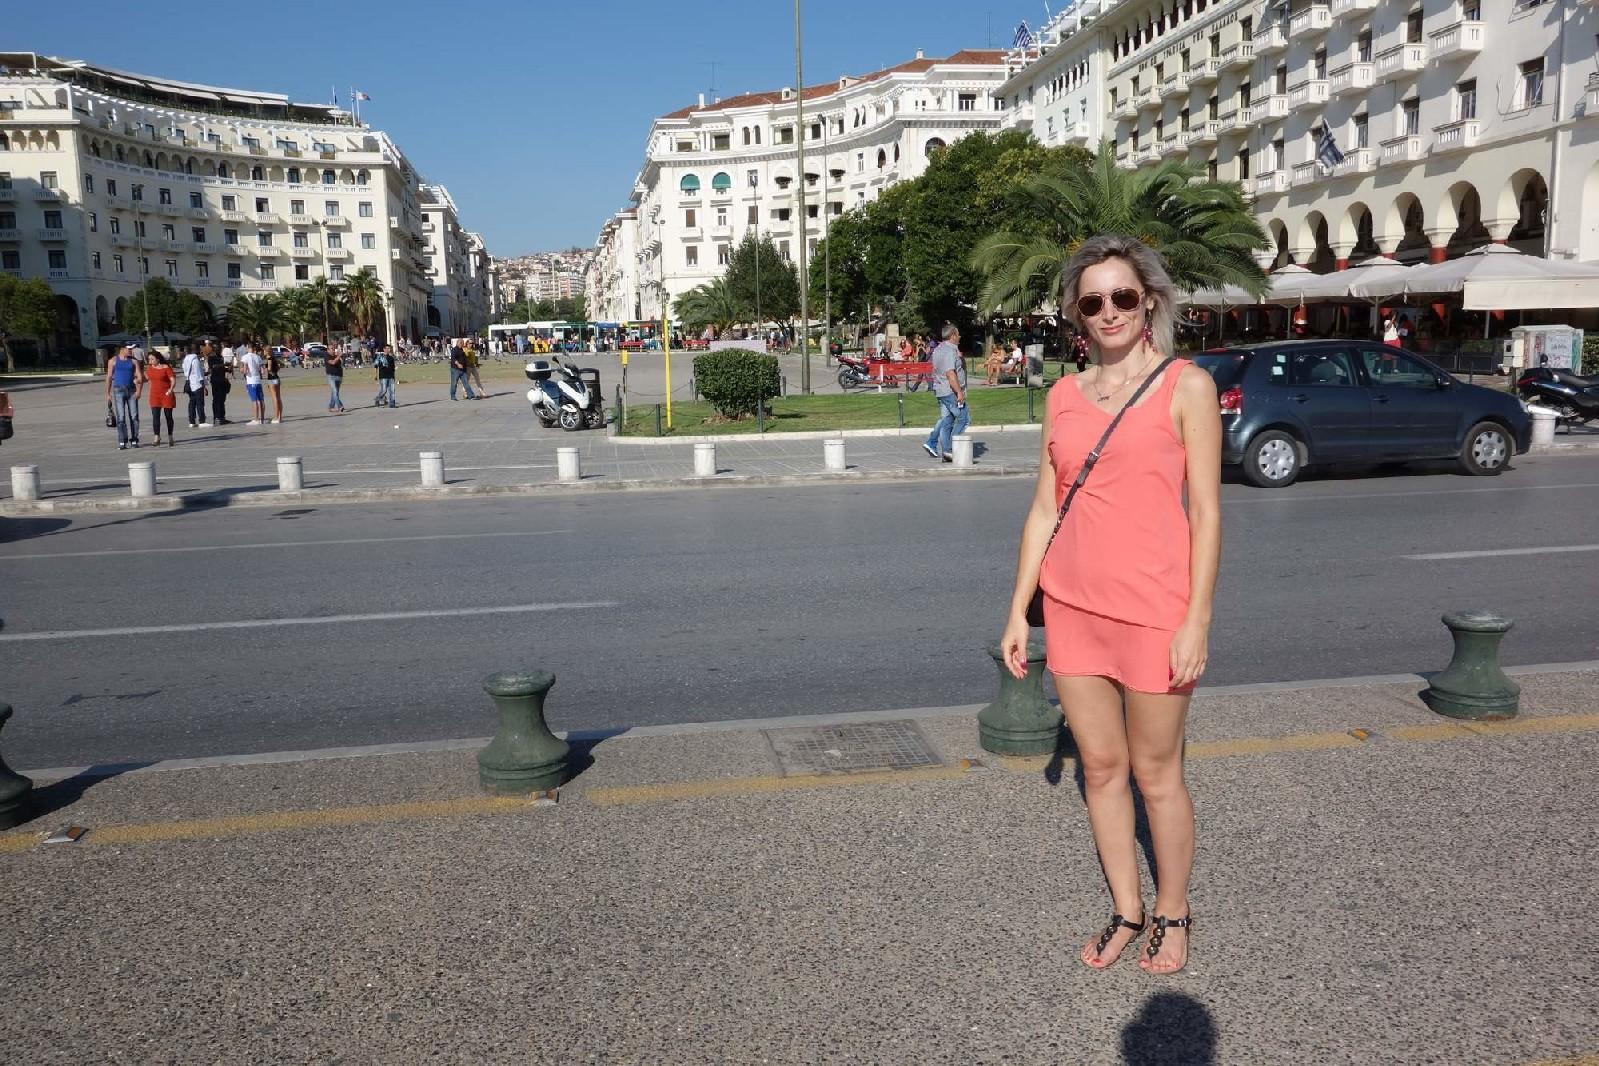 Пара отдыхает в Греции и не упускает возможность пополнить свою домашнюю коллекцию новыми снимками